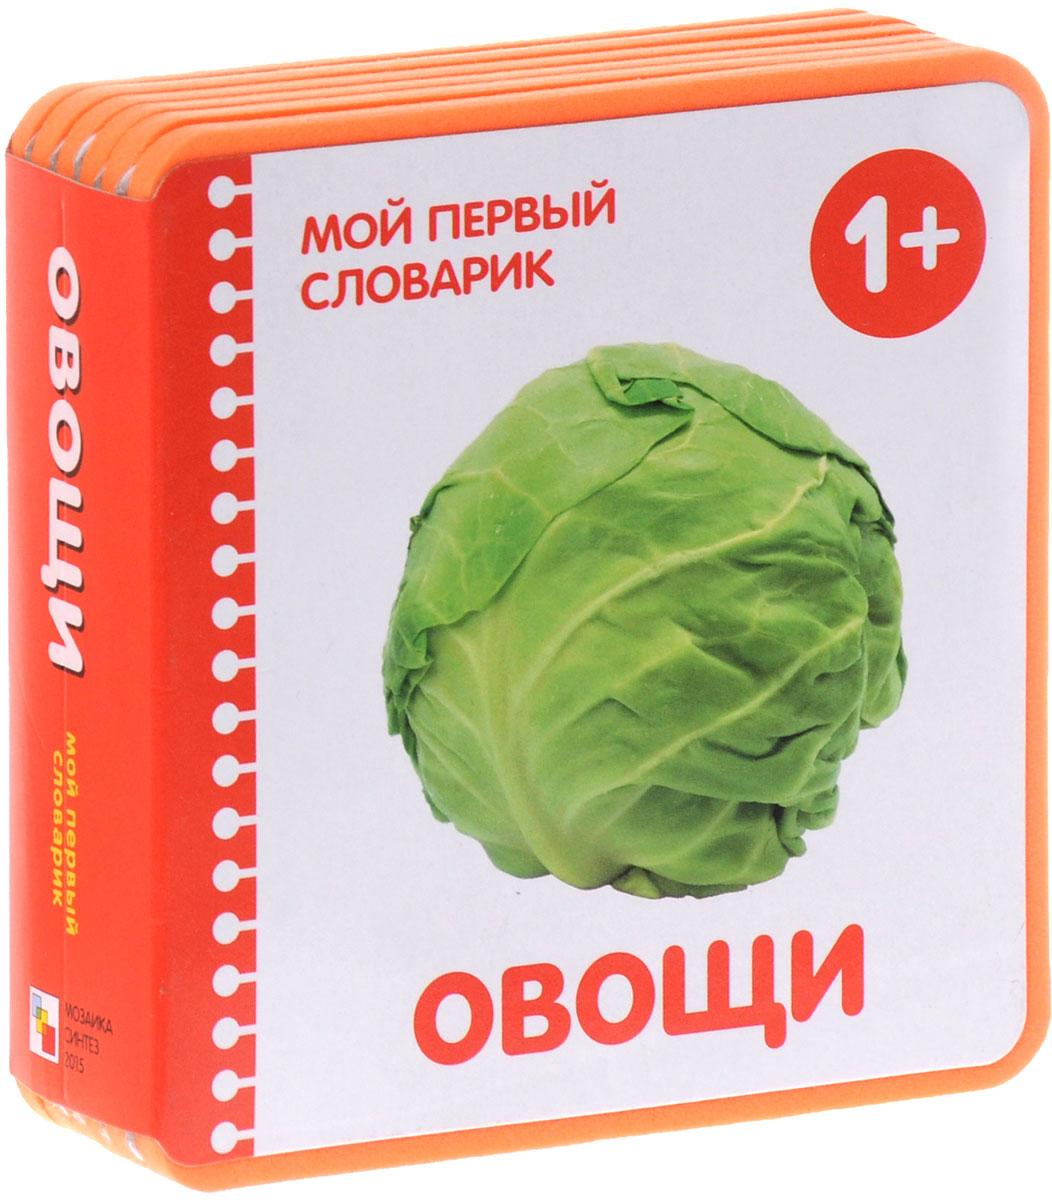 Овощи книга мой первый словарик овощи